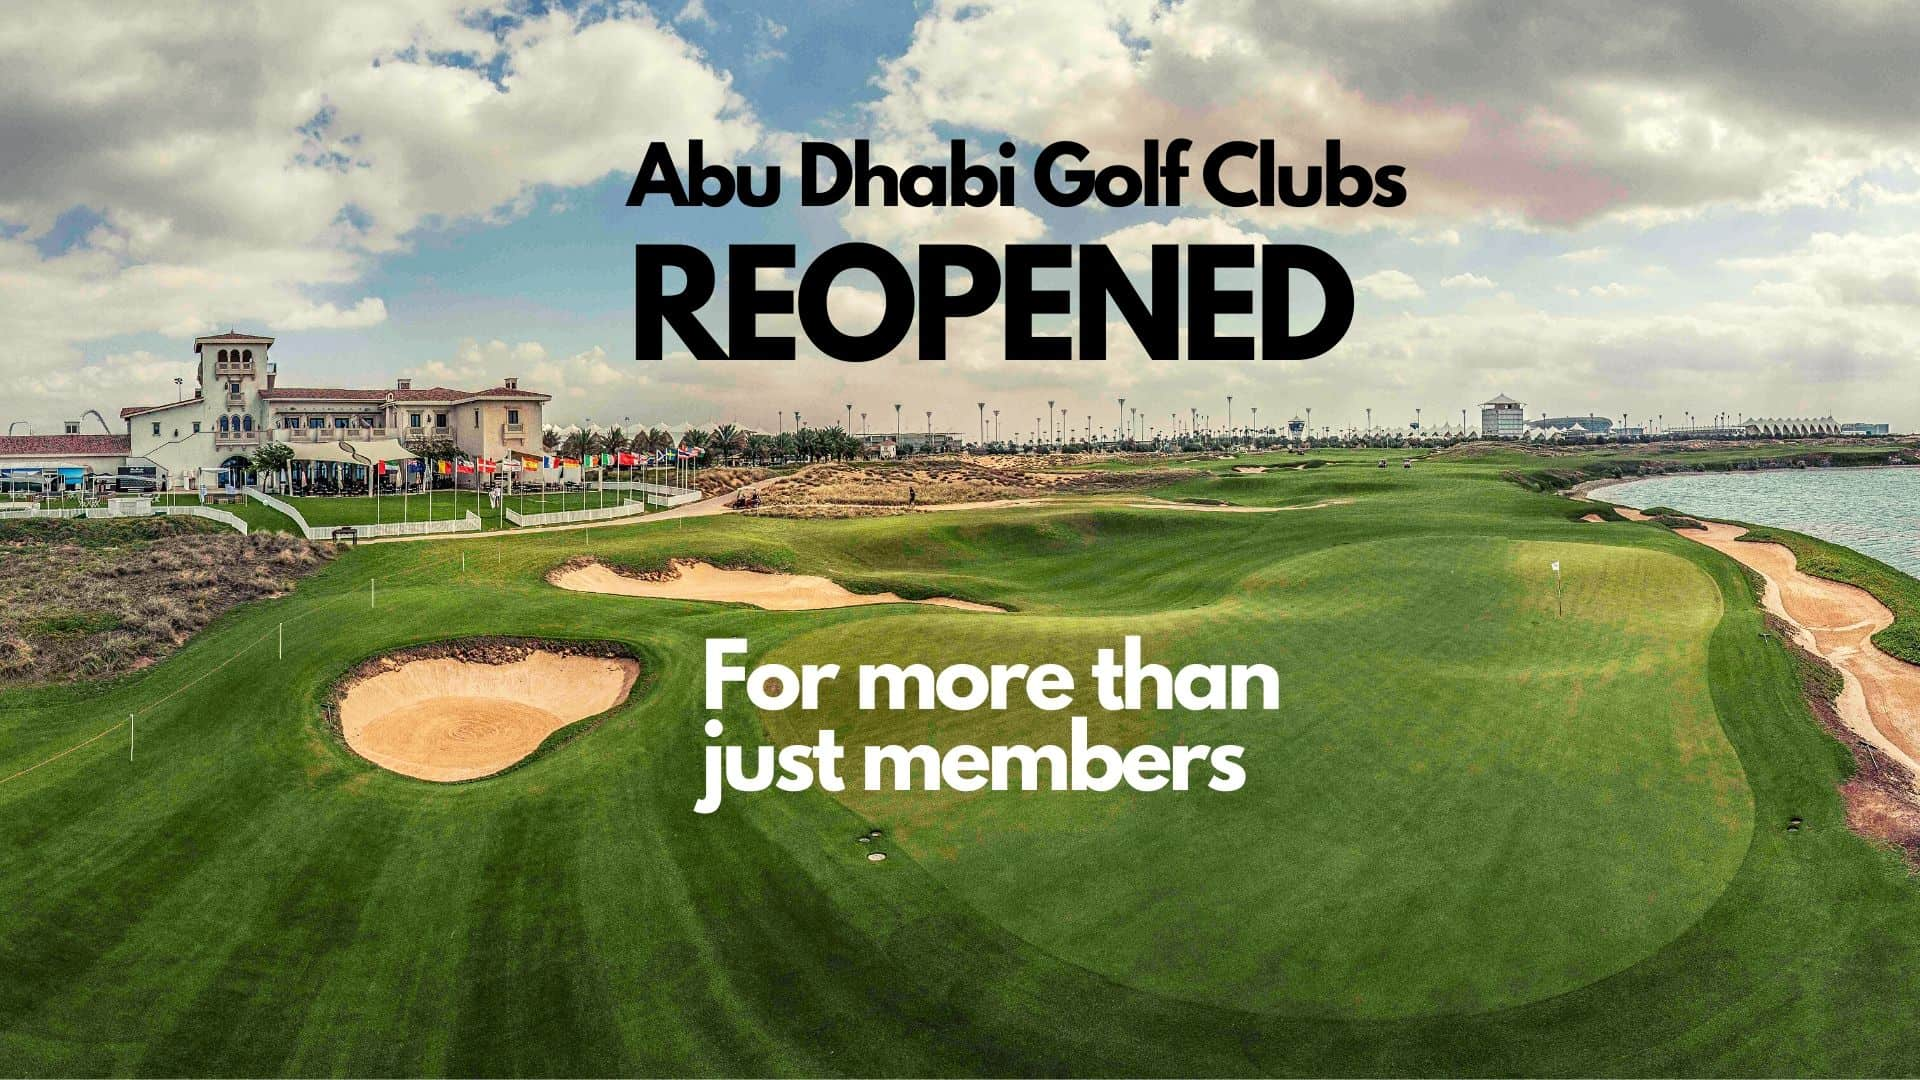 Abu Dhabi golf clubs